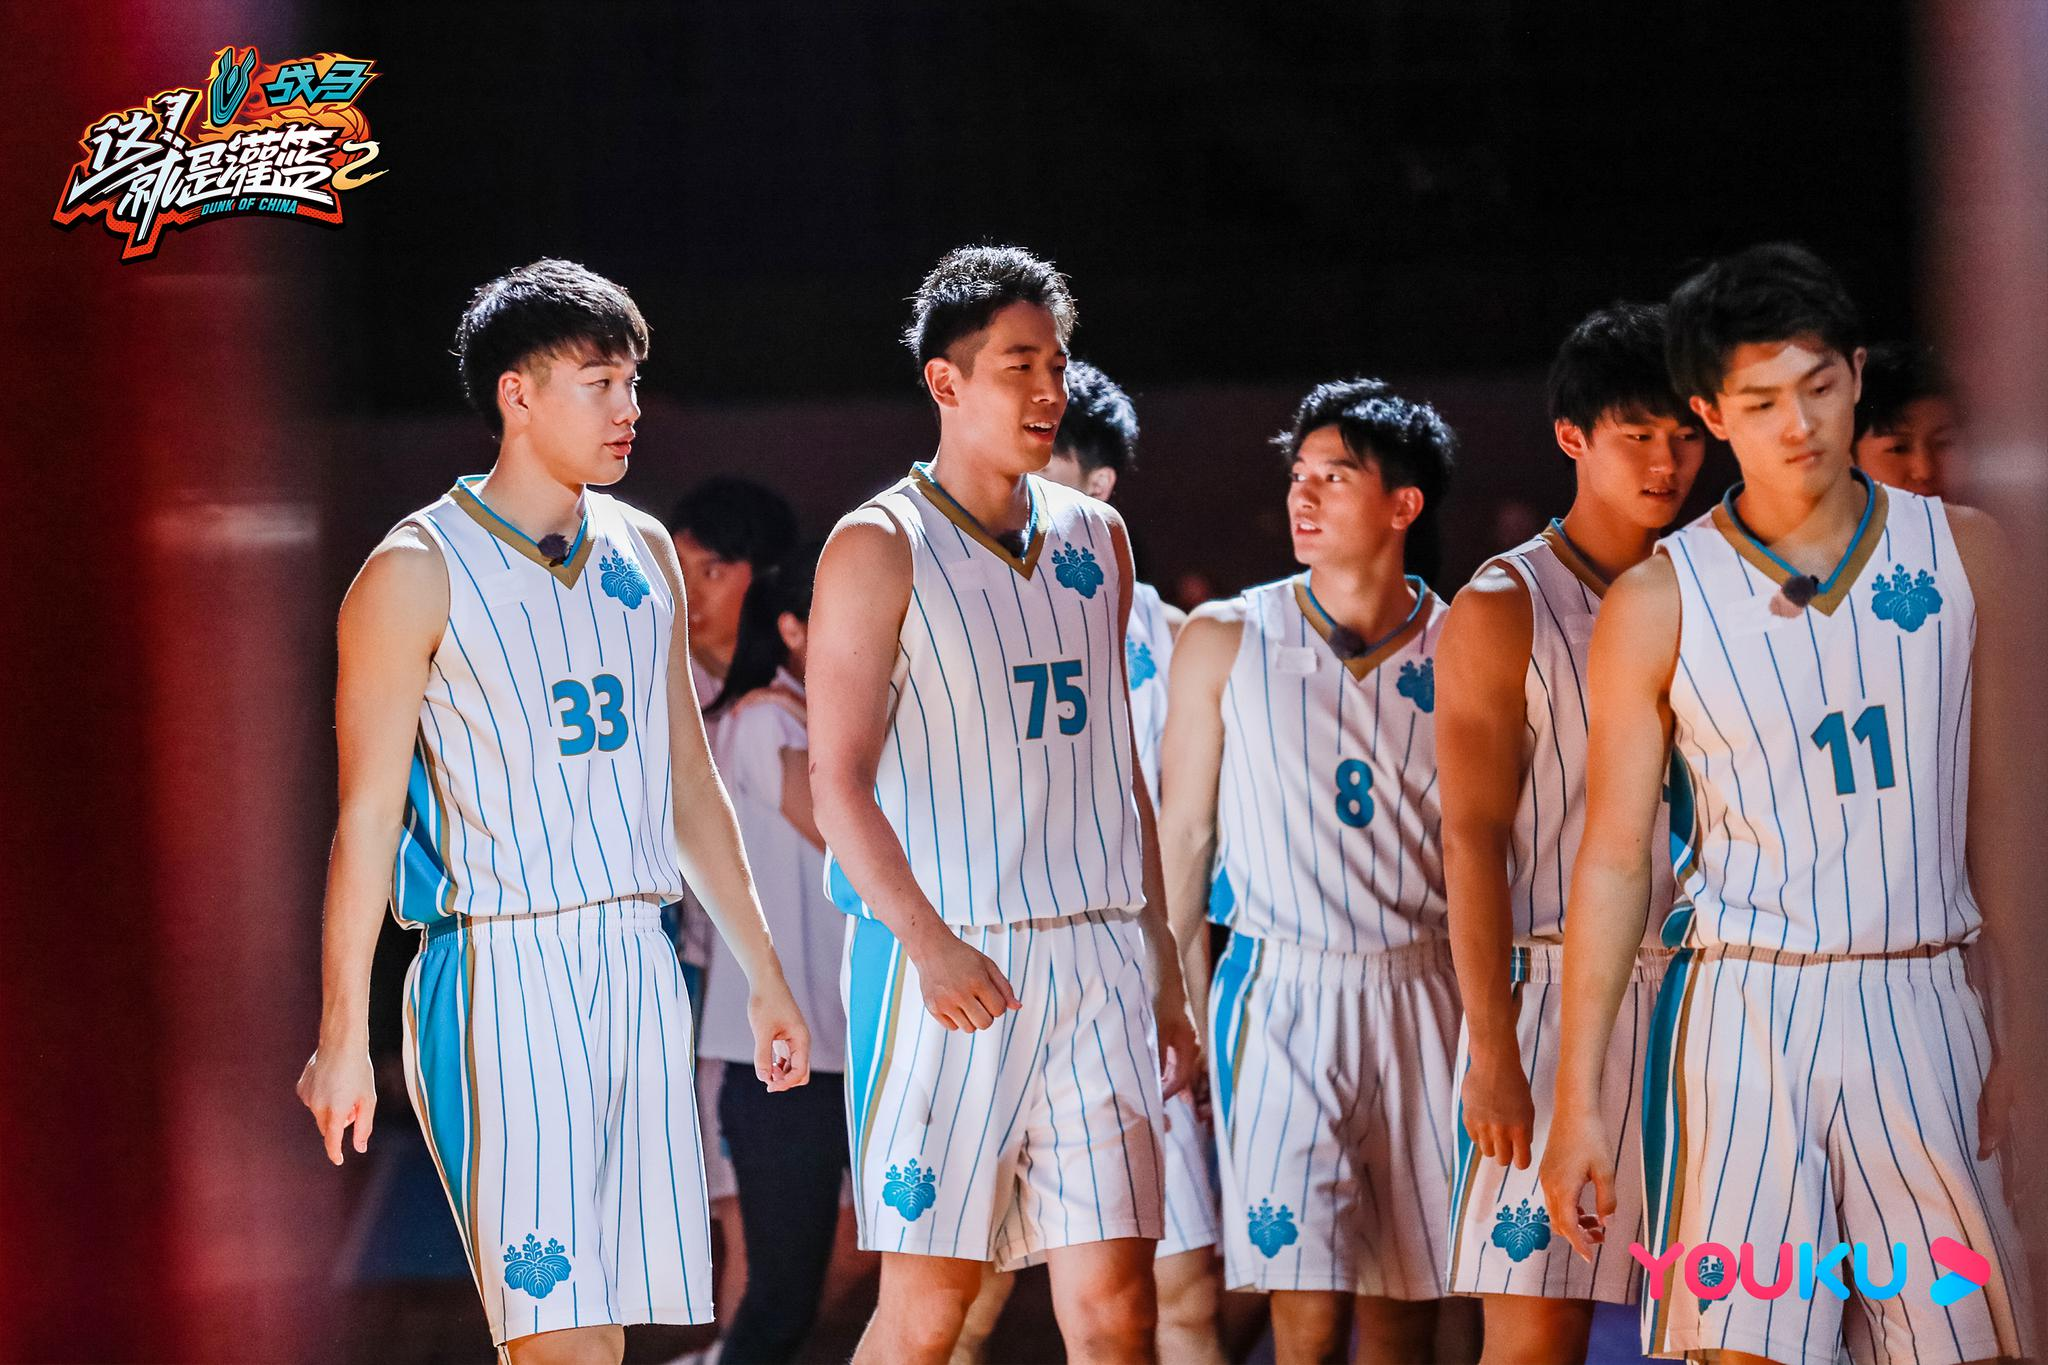 拍到了拍到了!日本筑波大学的球员们列队一站